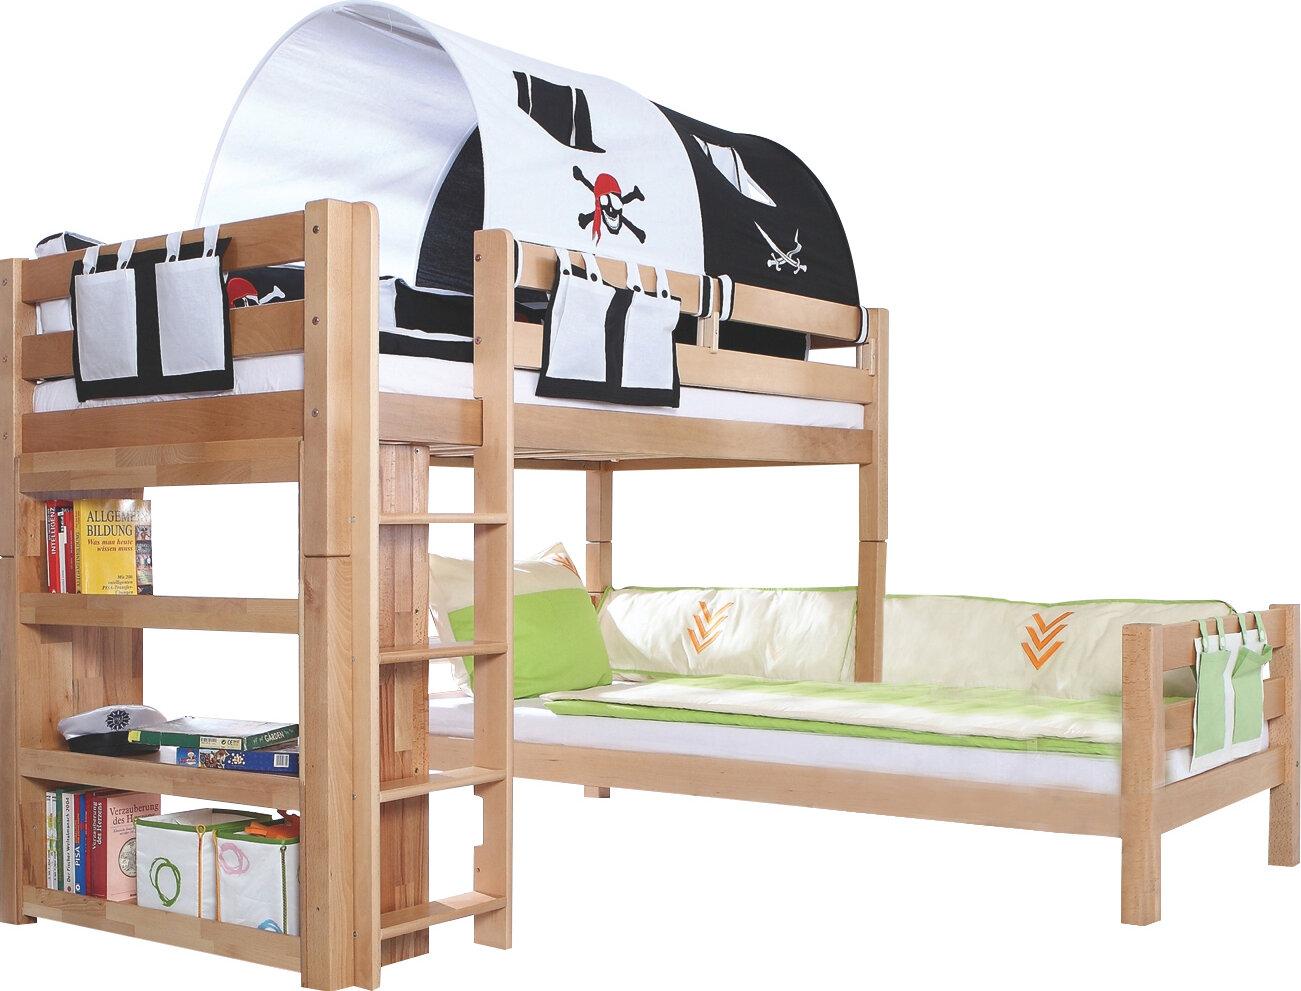 Etagenbett Gute Qualität : Etagenbett stockbett ricky natur klar lackiert buche massiv vollholz